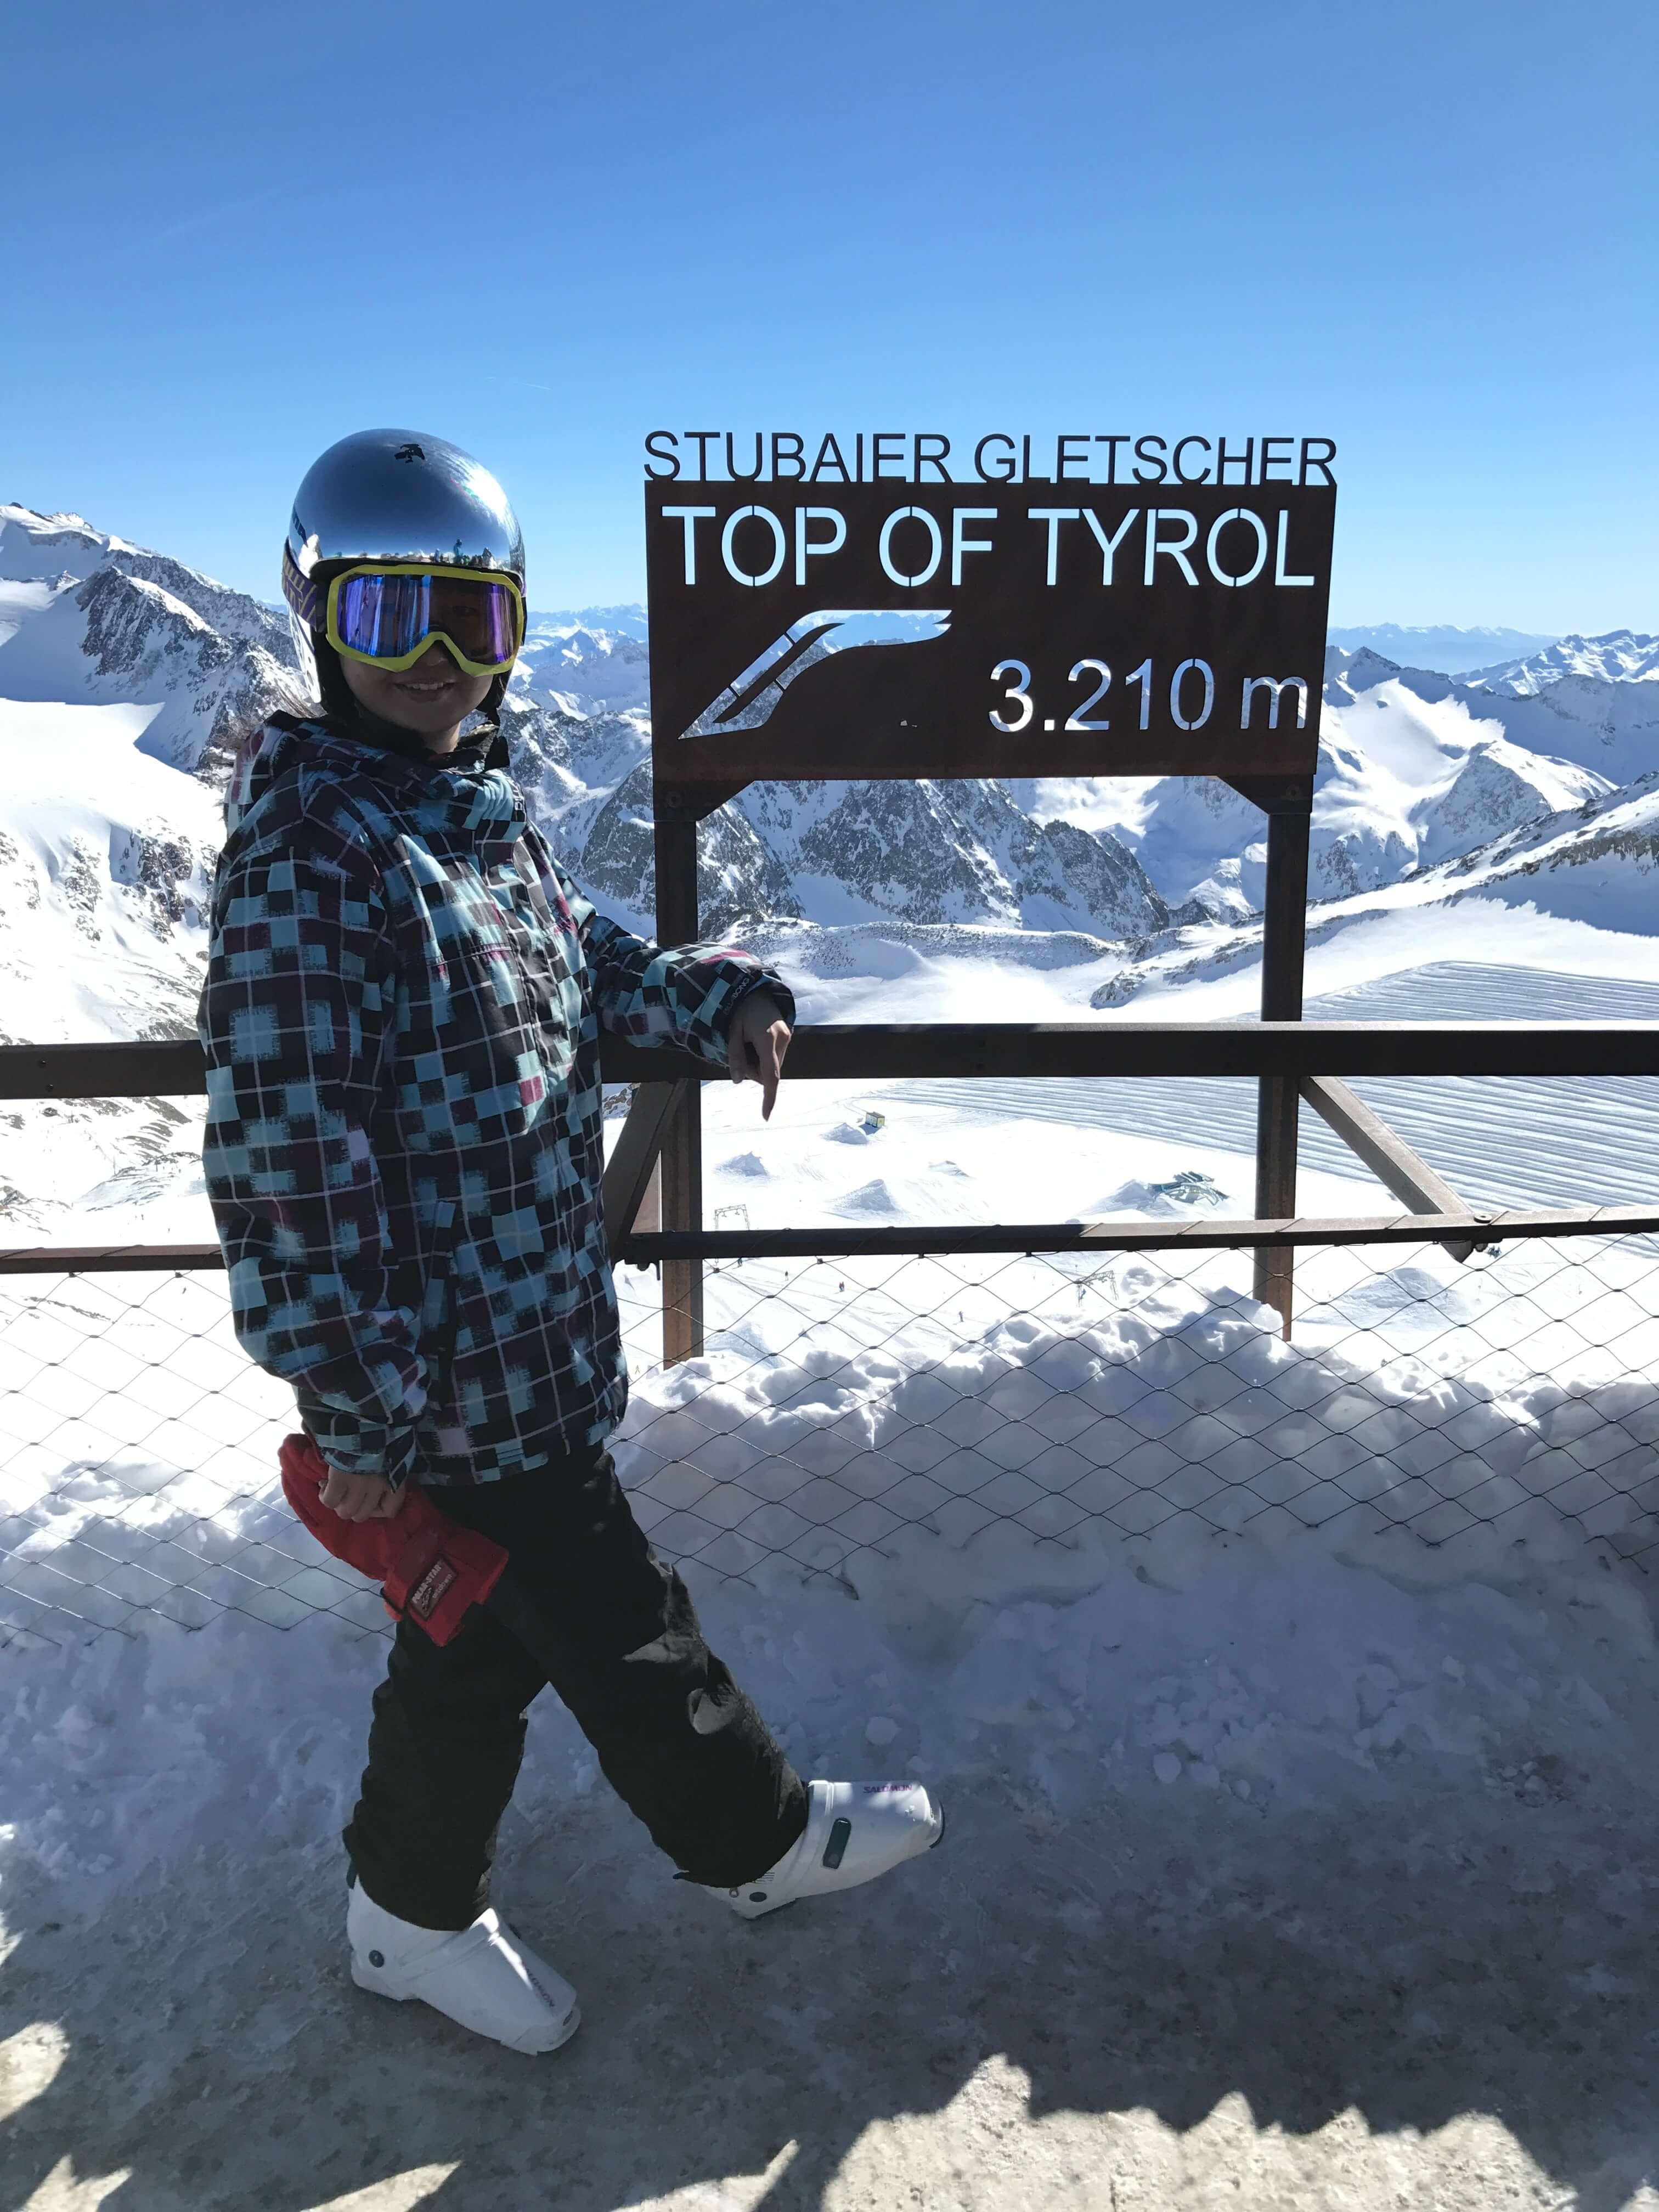 Innsbruck—Stubaier Gletscher Top of Tyrol by 倍包客